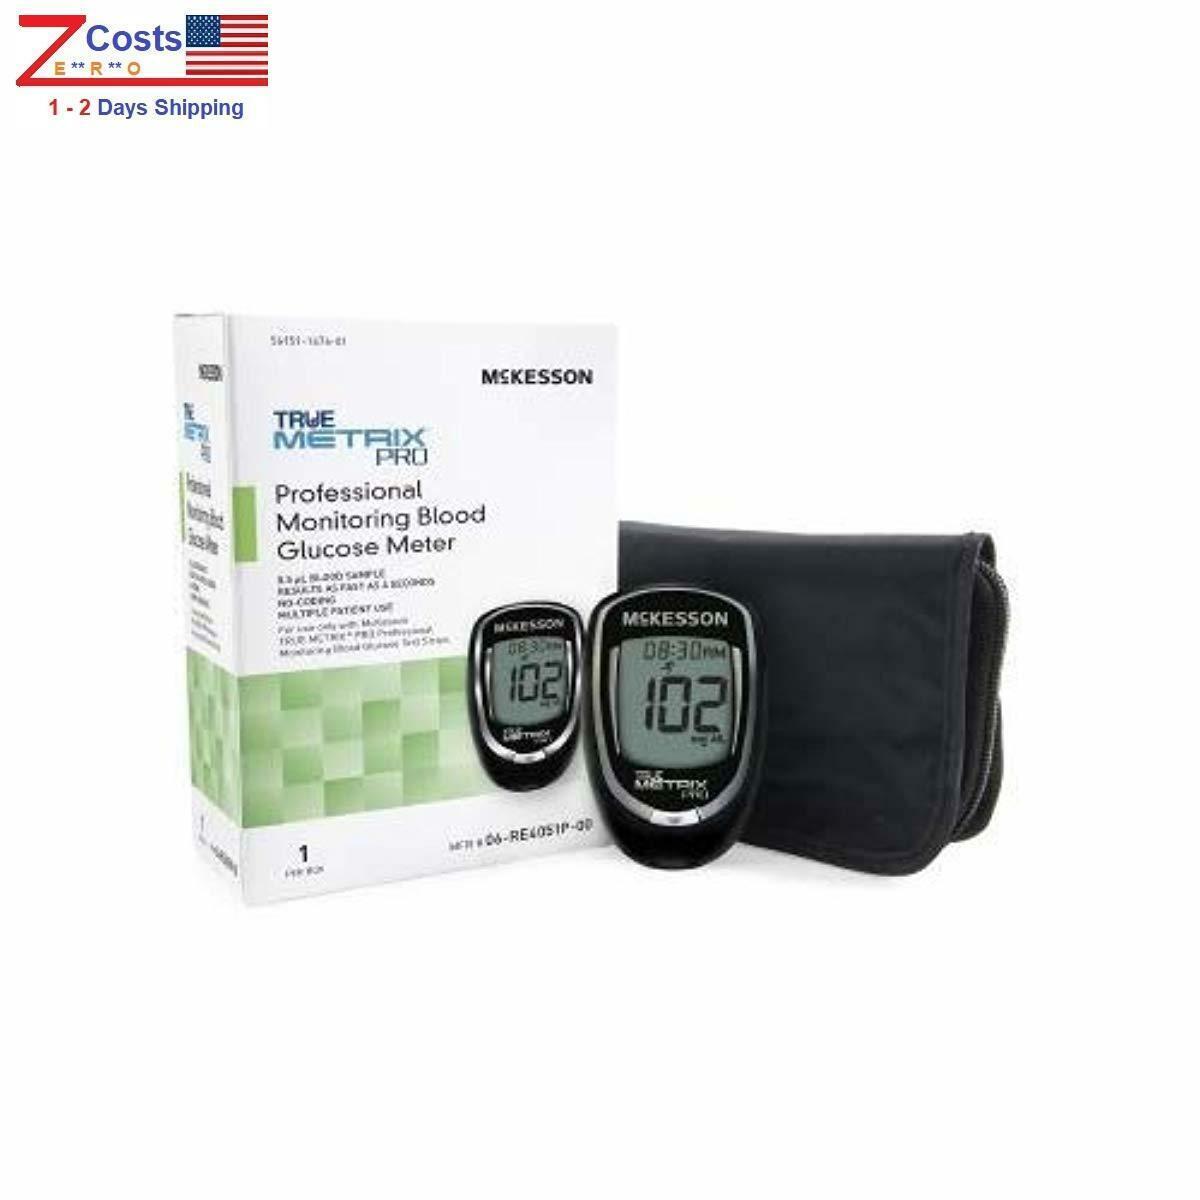 McKesson Professional TRUE METRIX PRO Blood Glucose Monitori